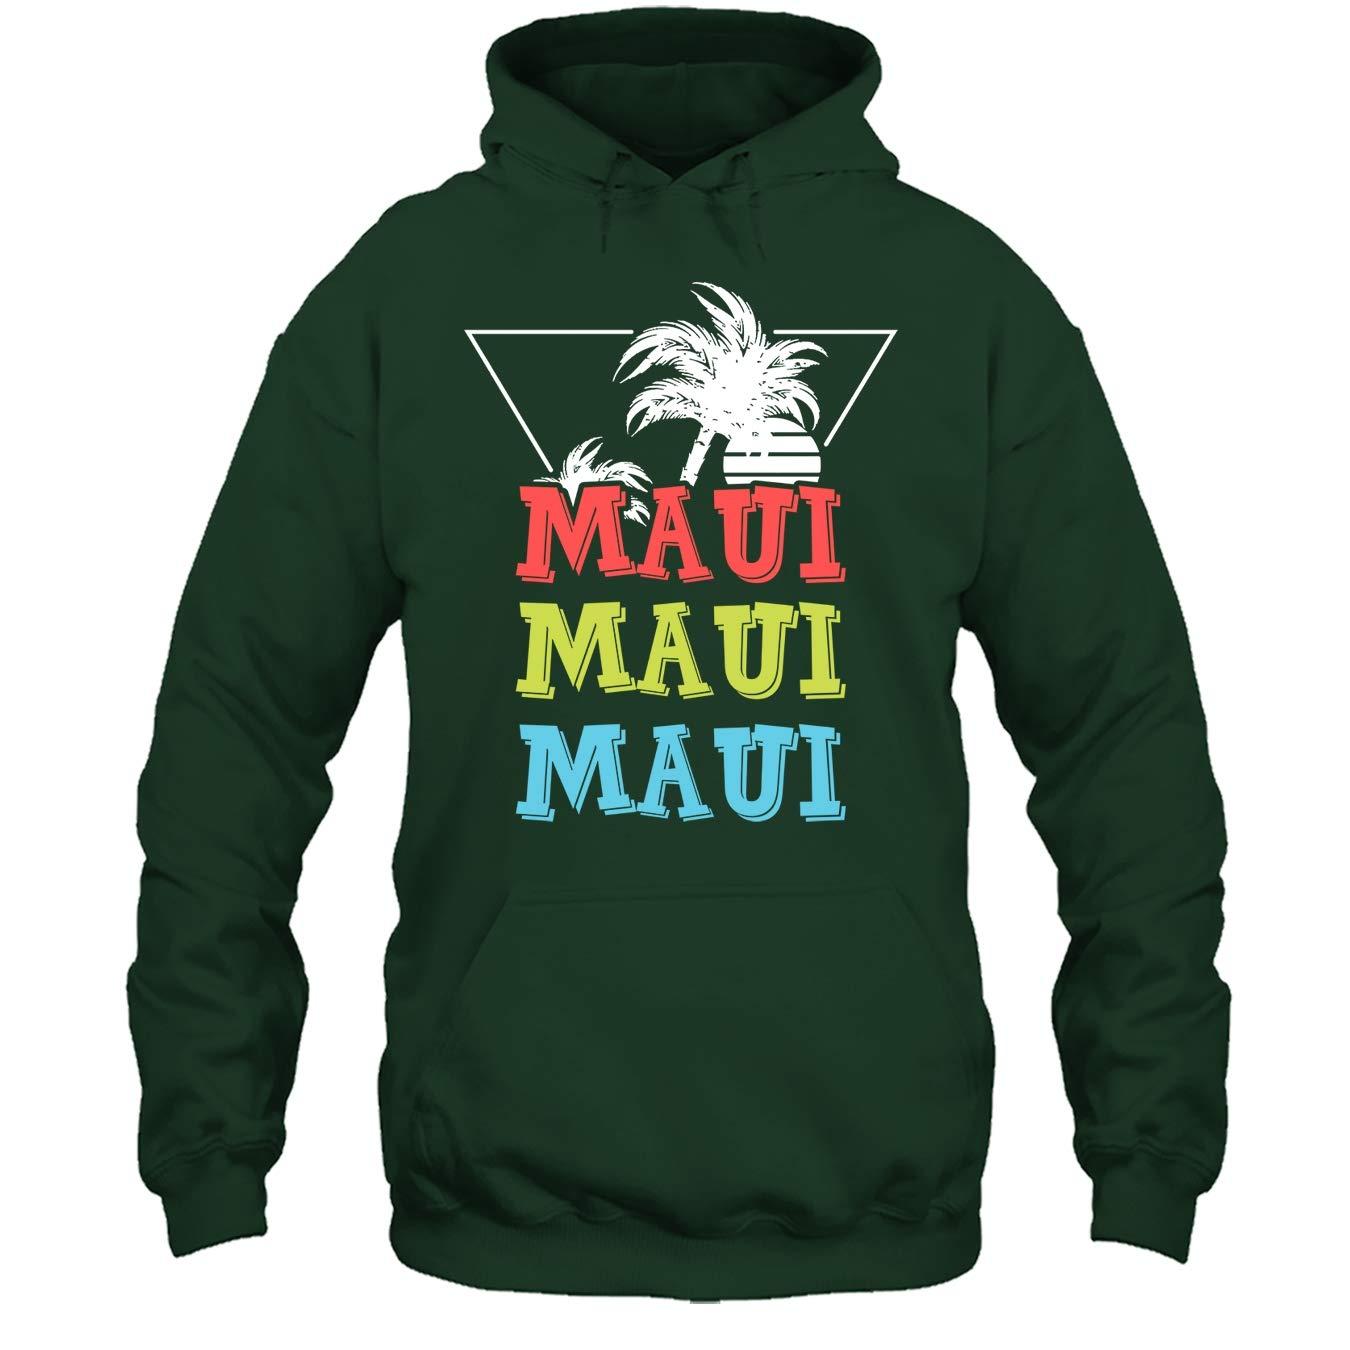 Maui Hawaii Tee Shirt Maui T Shirt